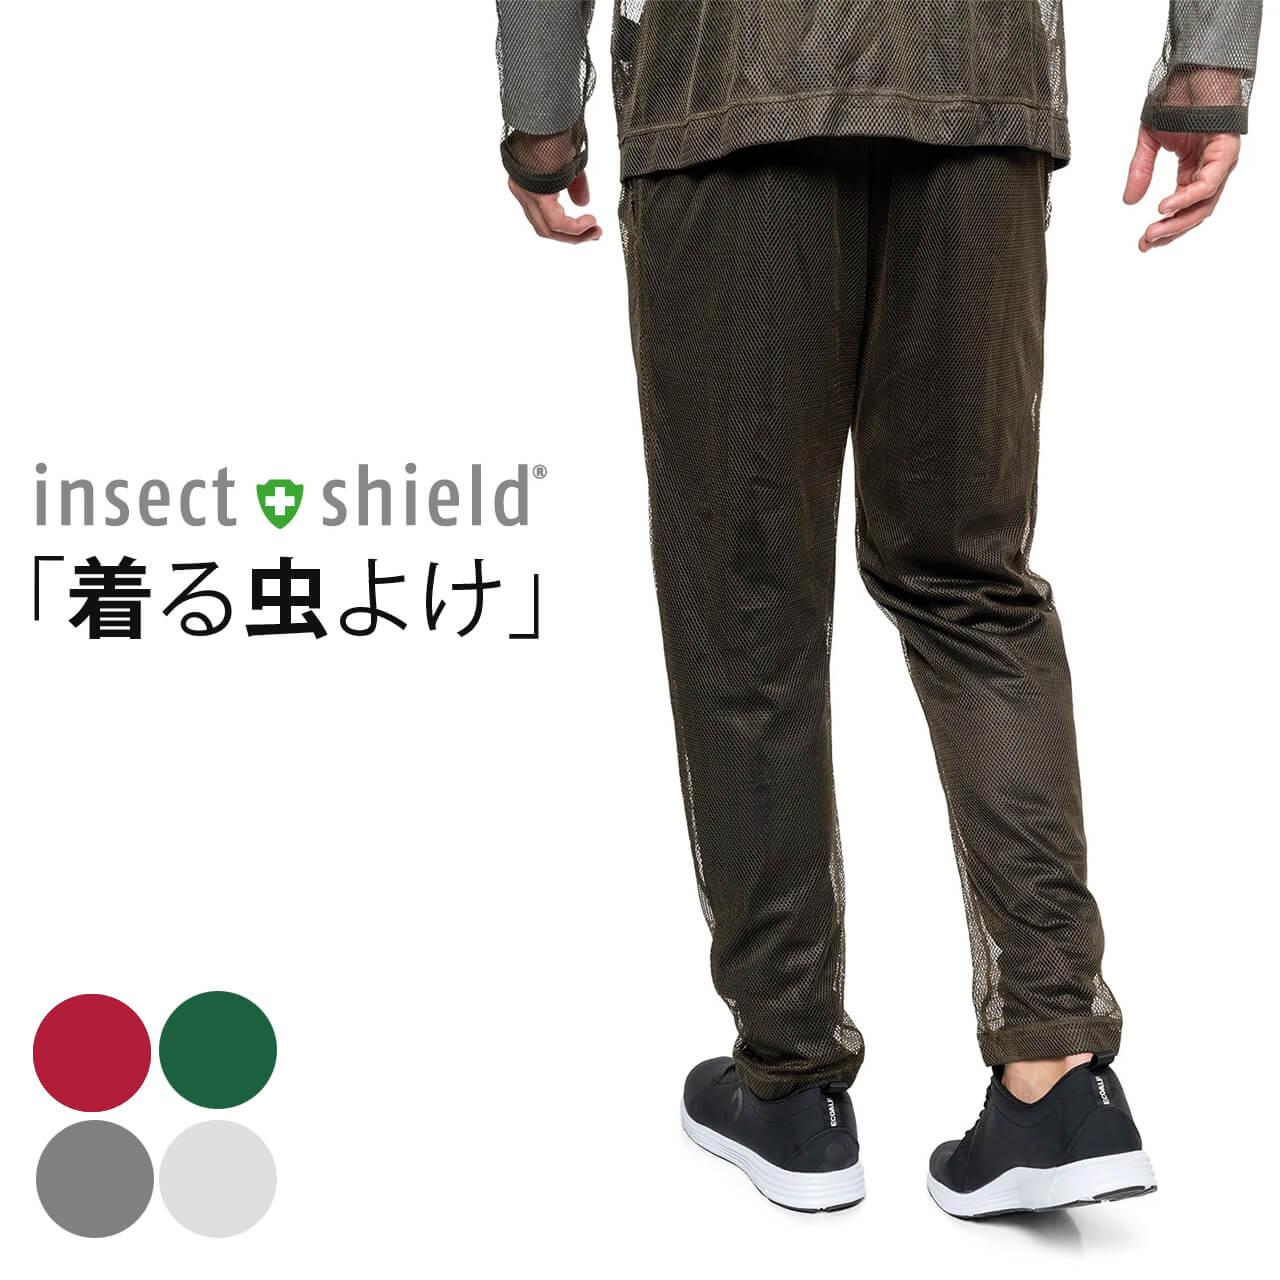 インセクトシールド 虫よけメッシュパンツー insect shield